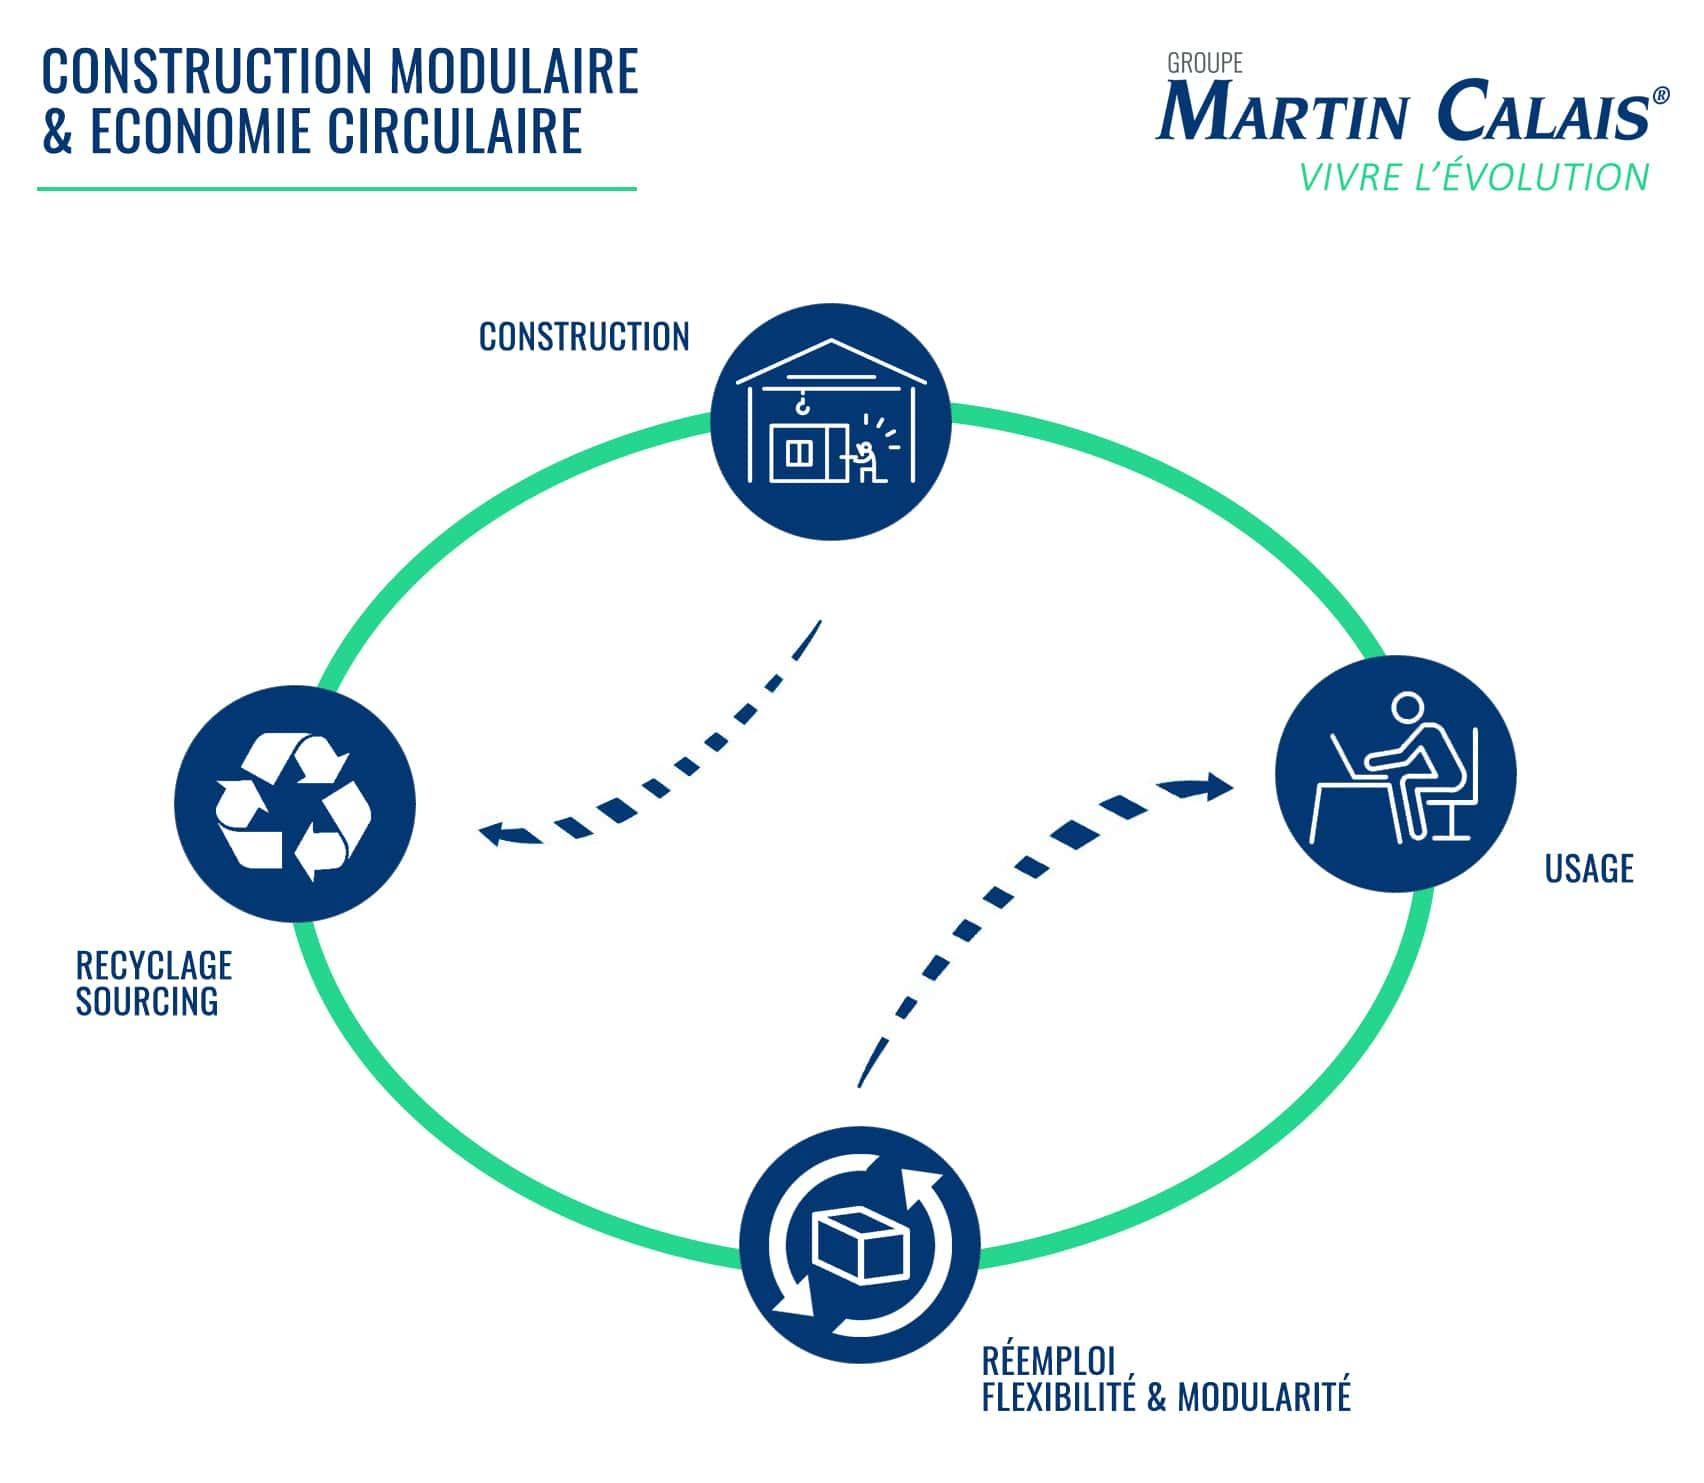 Economie circulaire Martin Calais